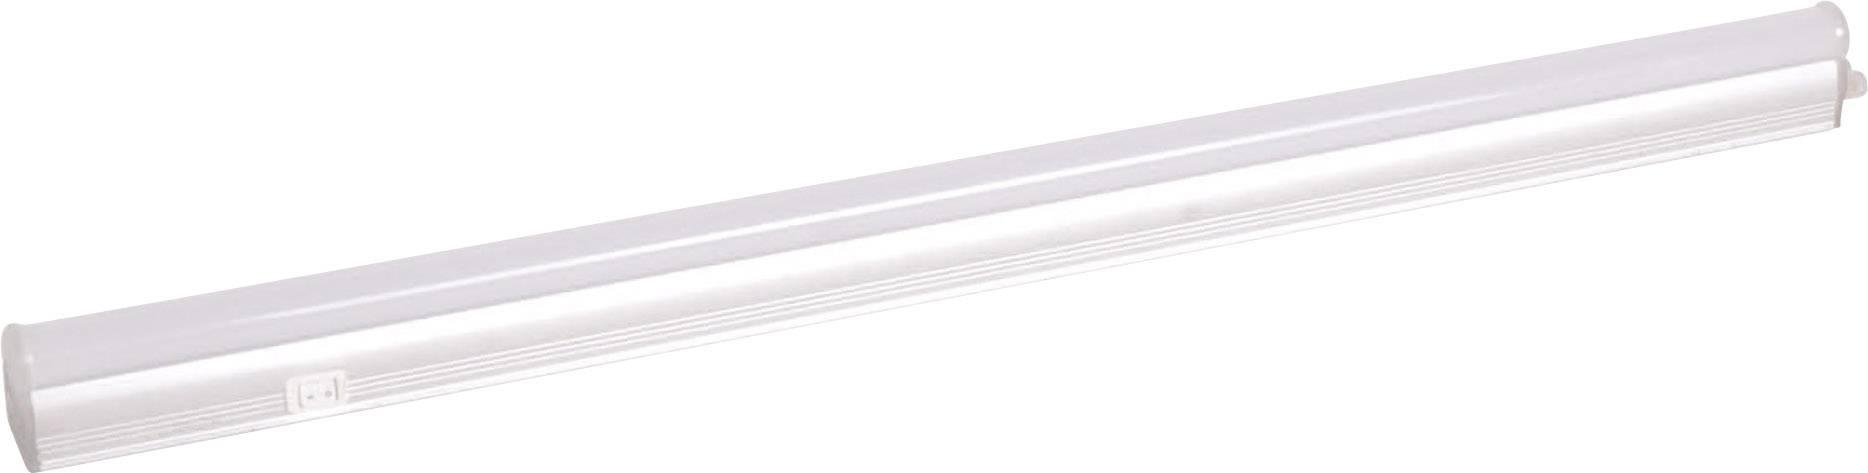 Hliníkové LED svetlo pod linku RENKFORCE, 12 W, studená biela